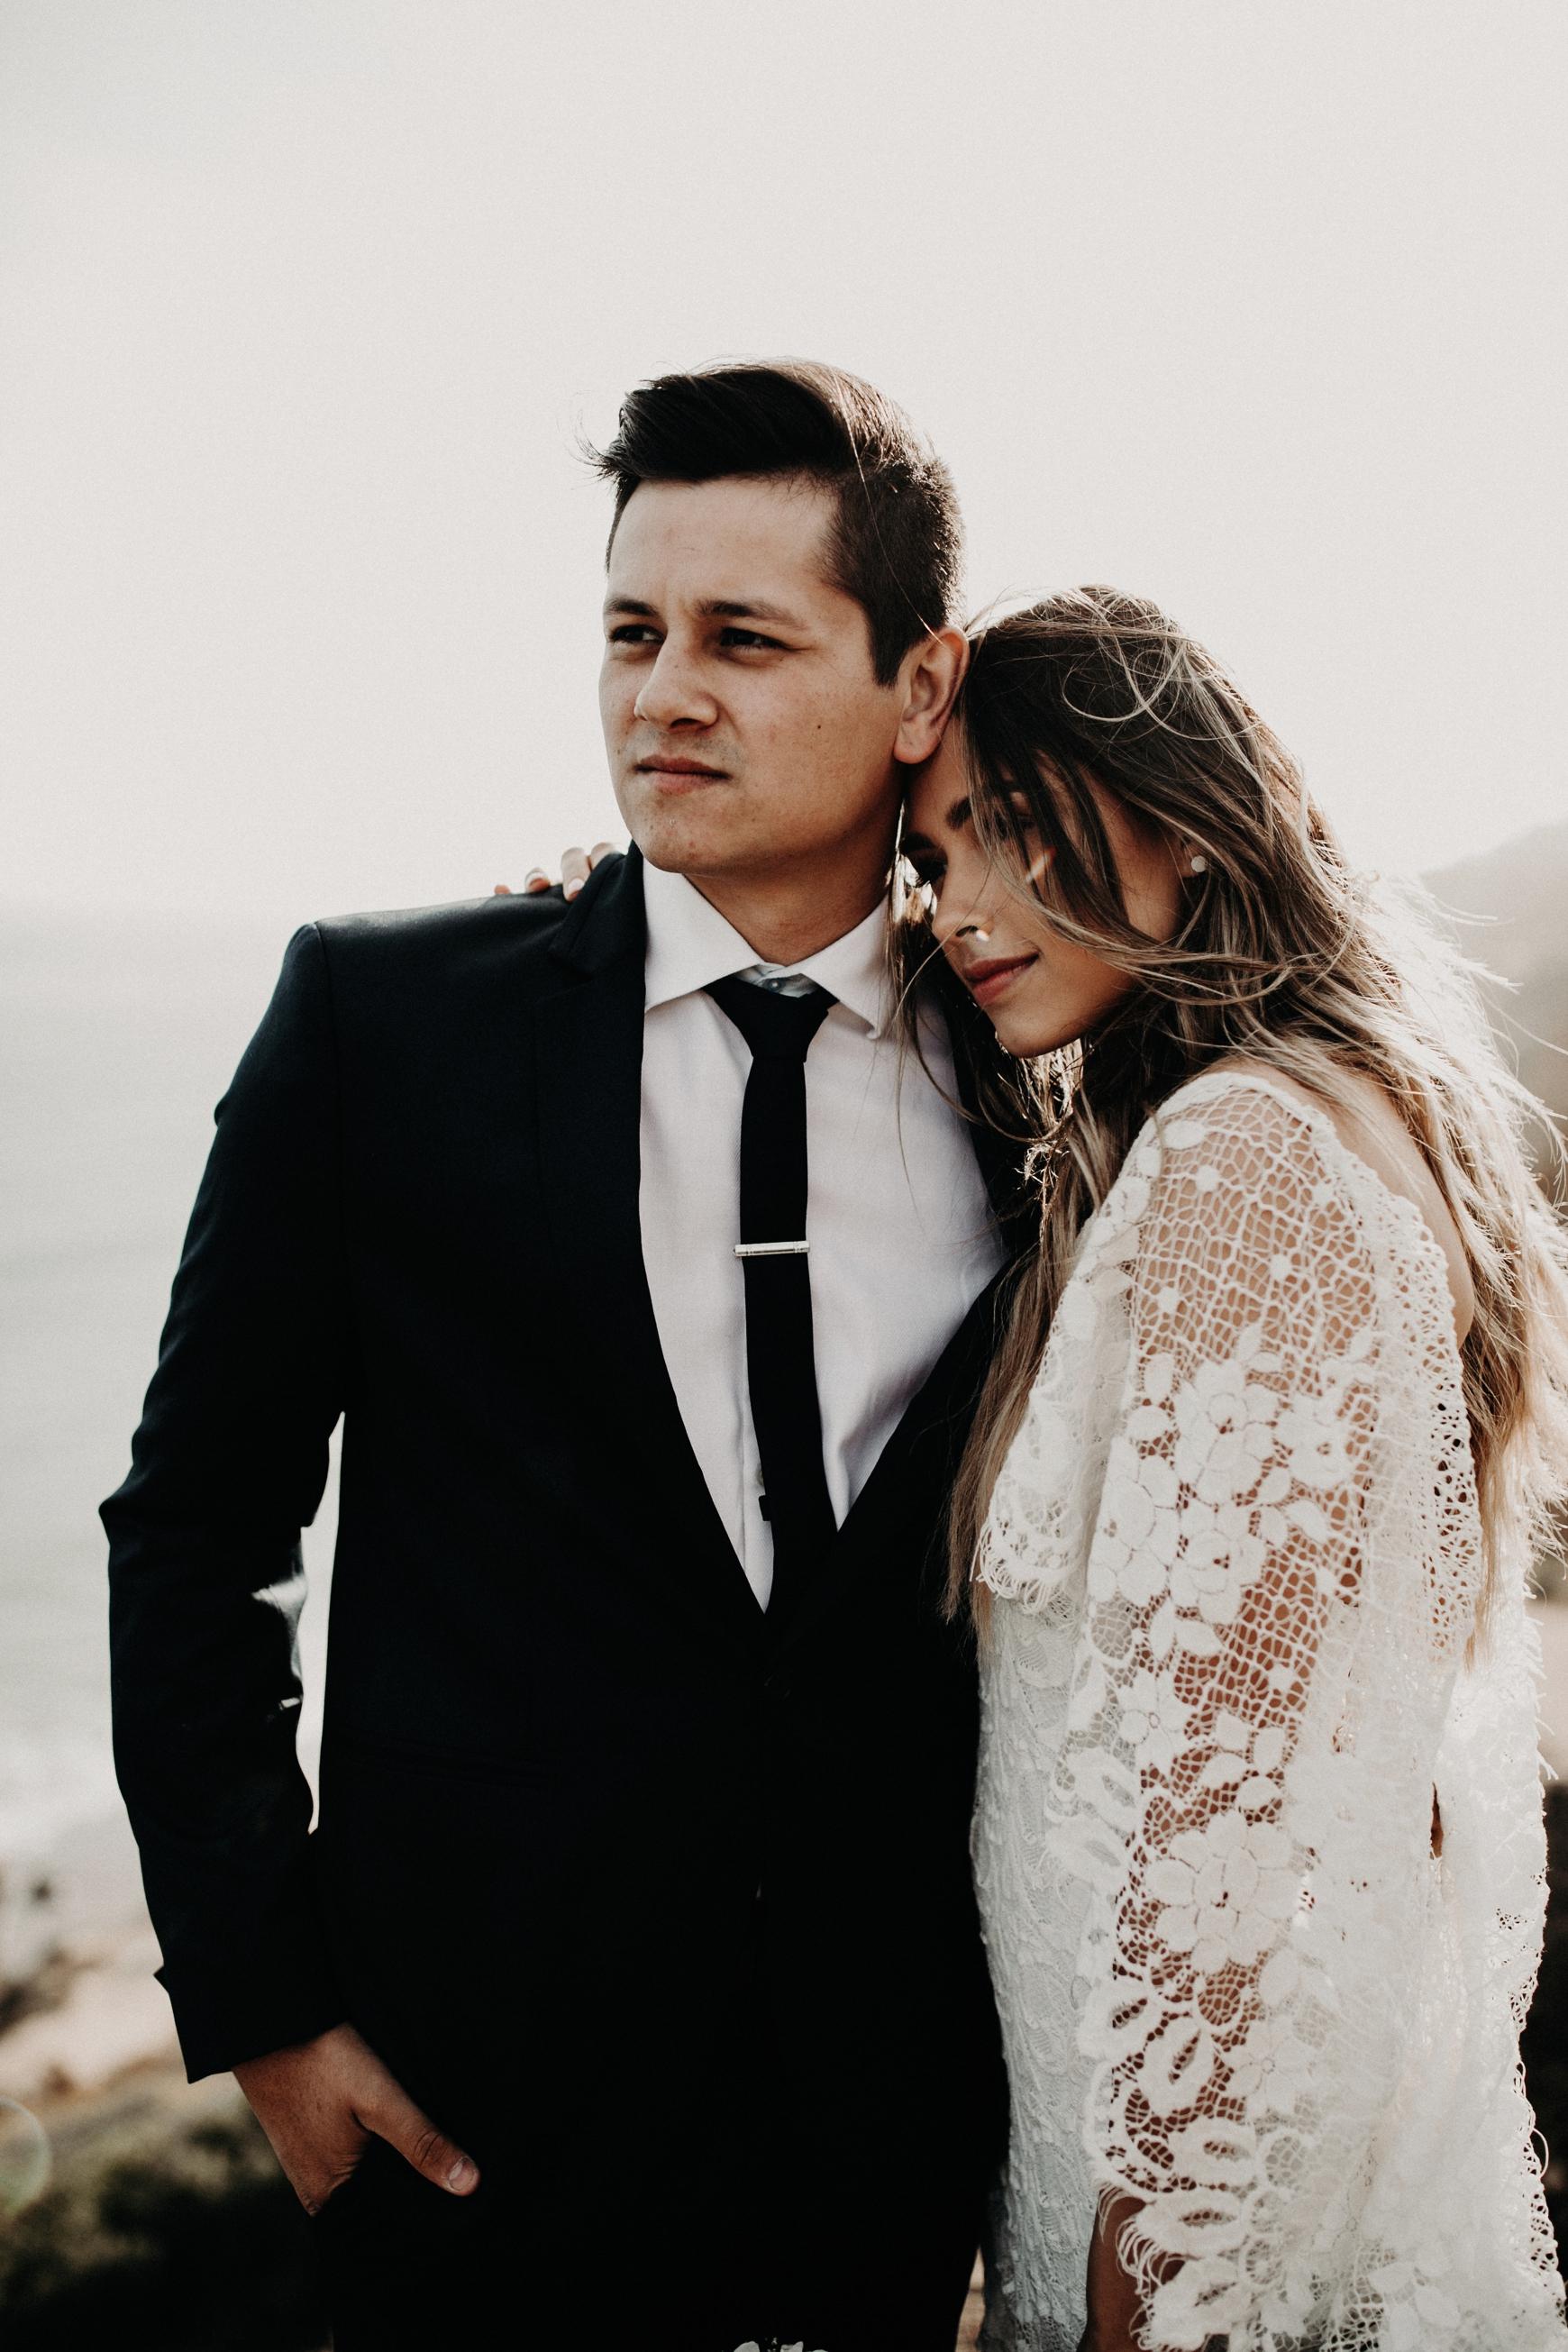 El Matador Beach Bridal Portraits Justellen & TJ Emily Magers Photography-13Emily Magers Photography.jpg